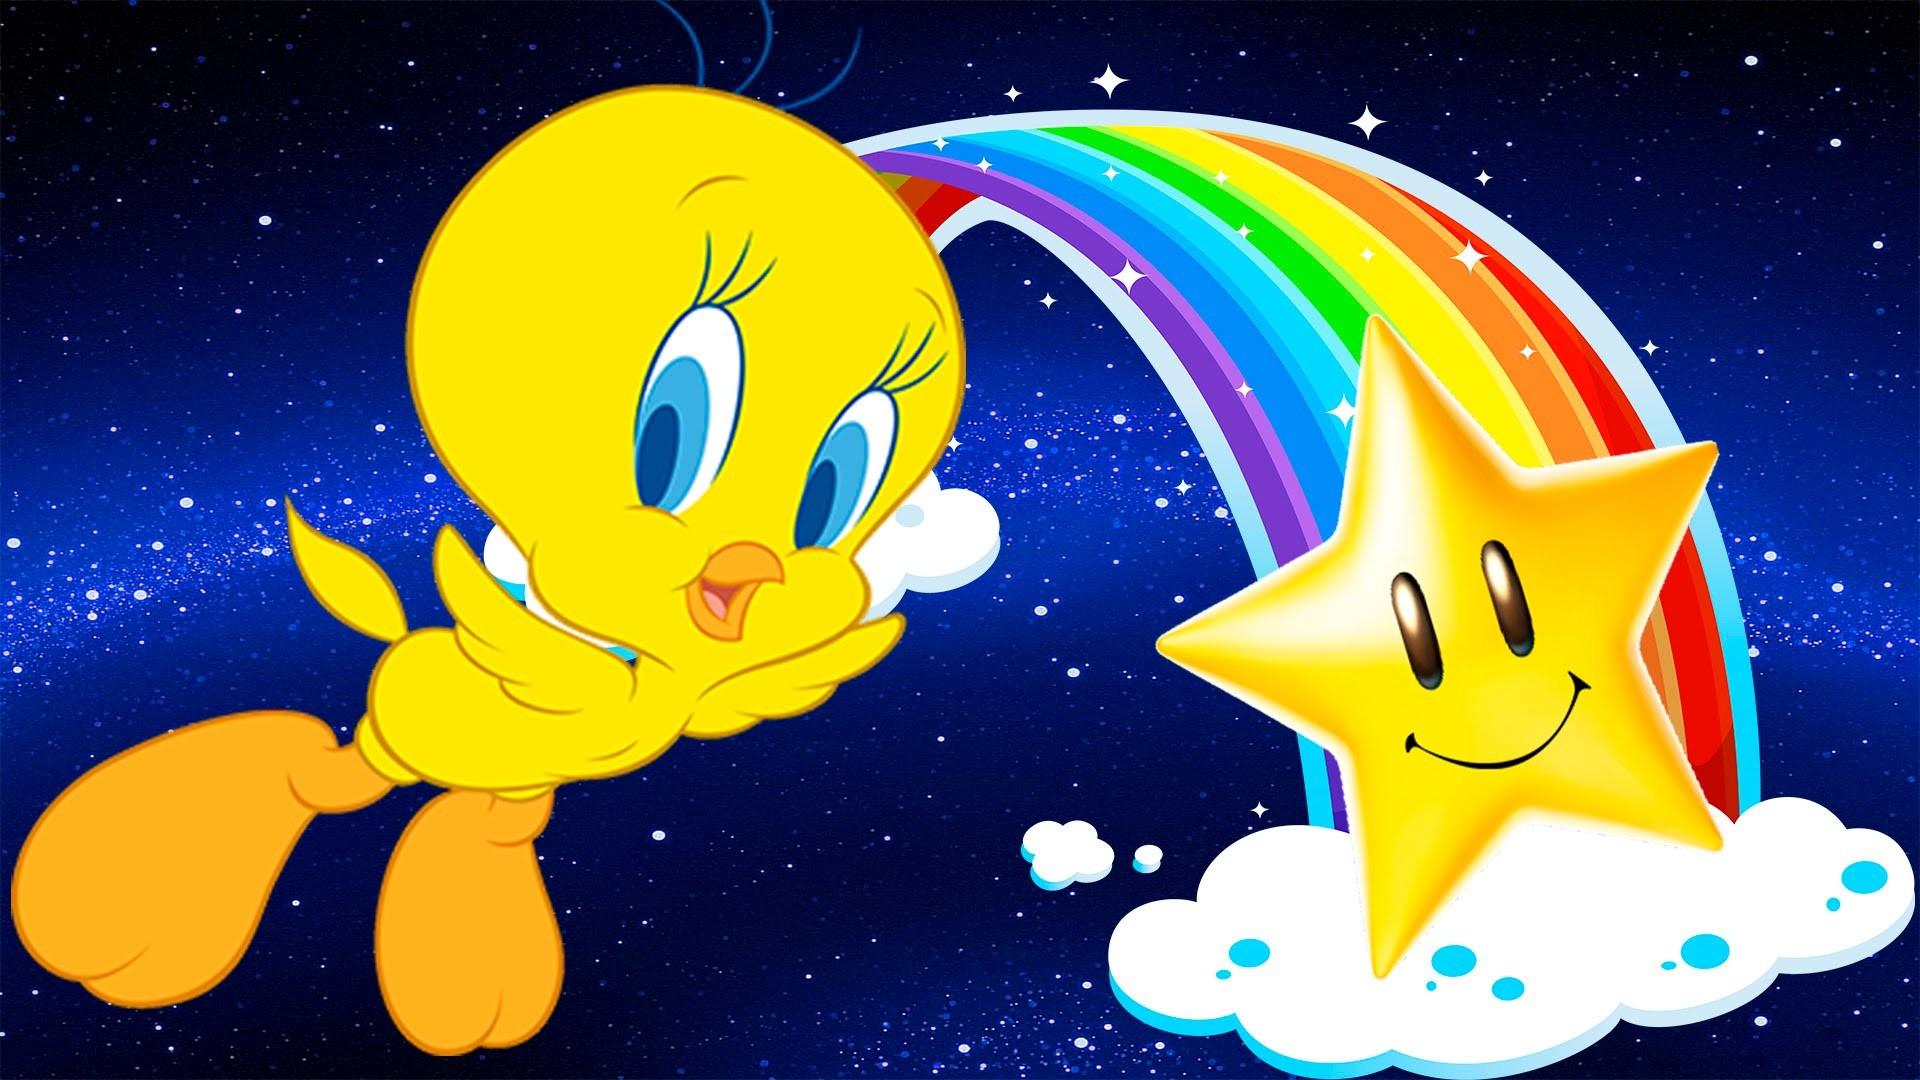 Looney Tunes Tweety Bird Wallpaper 61 Images